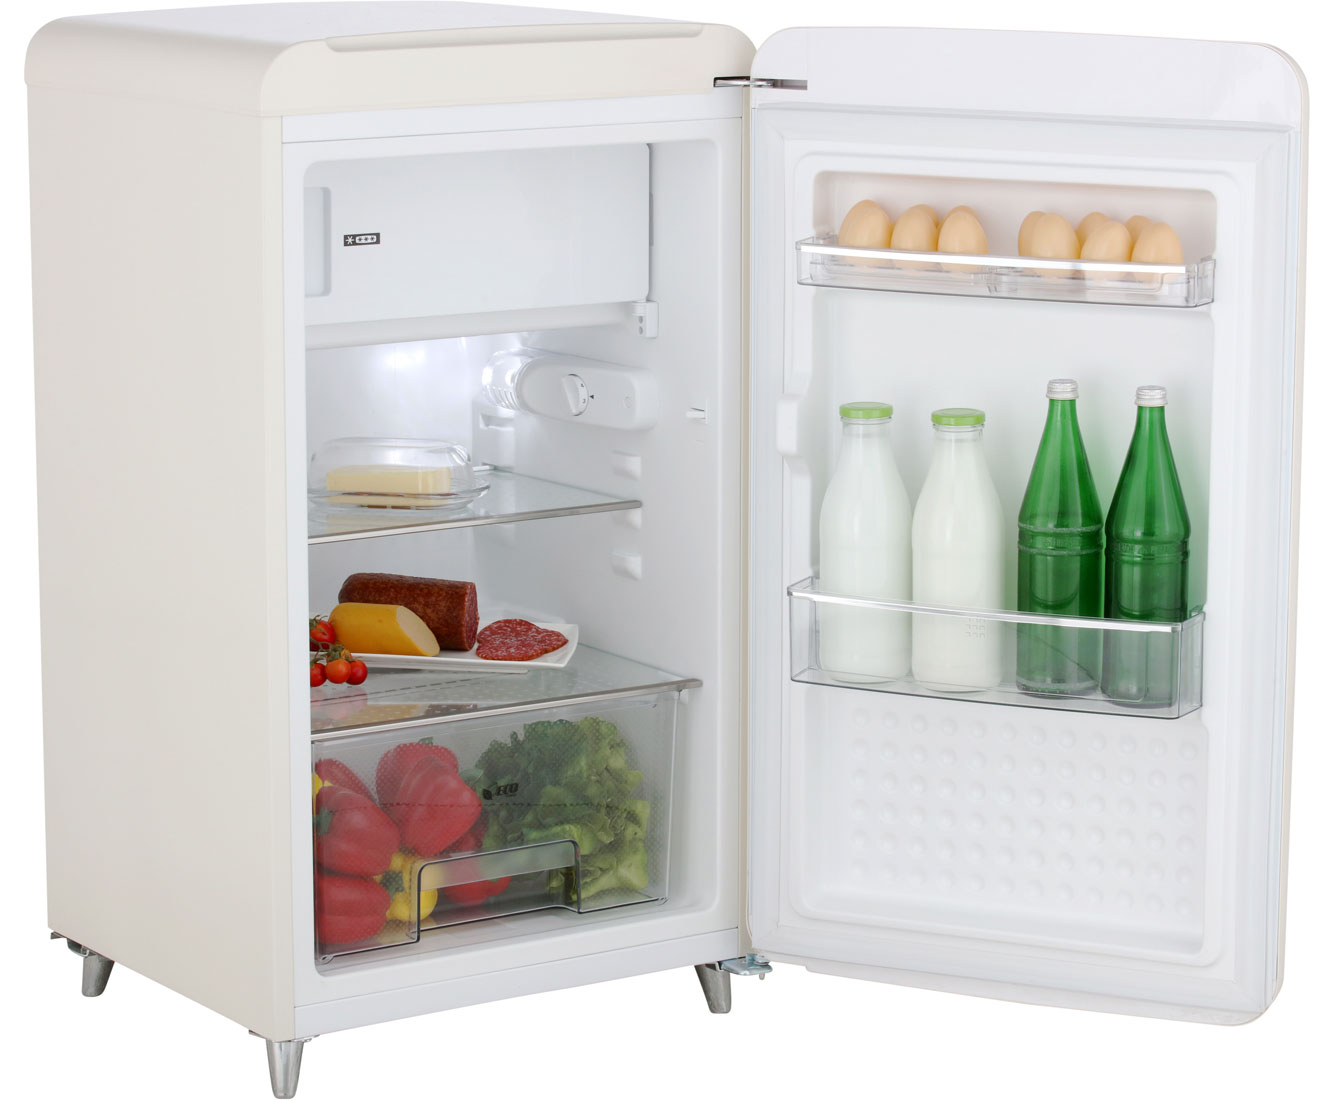 Bomann Kühlschrank Freistehend : Single kühlschrank mit gefrierfach kühlschrank klein mit